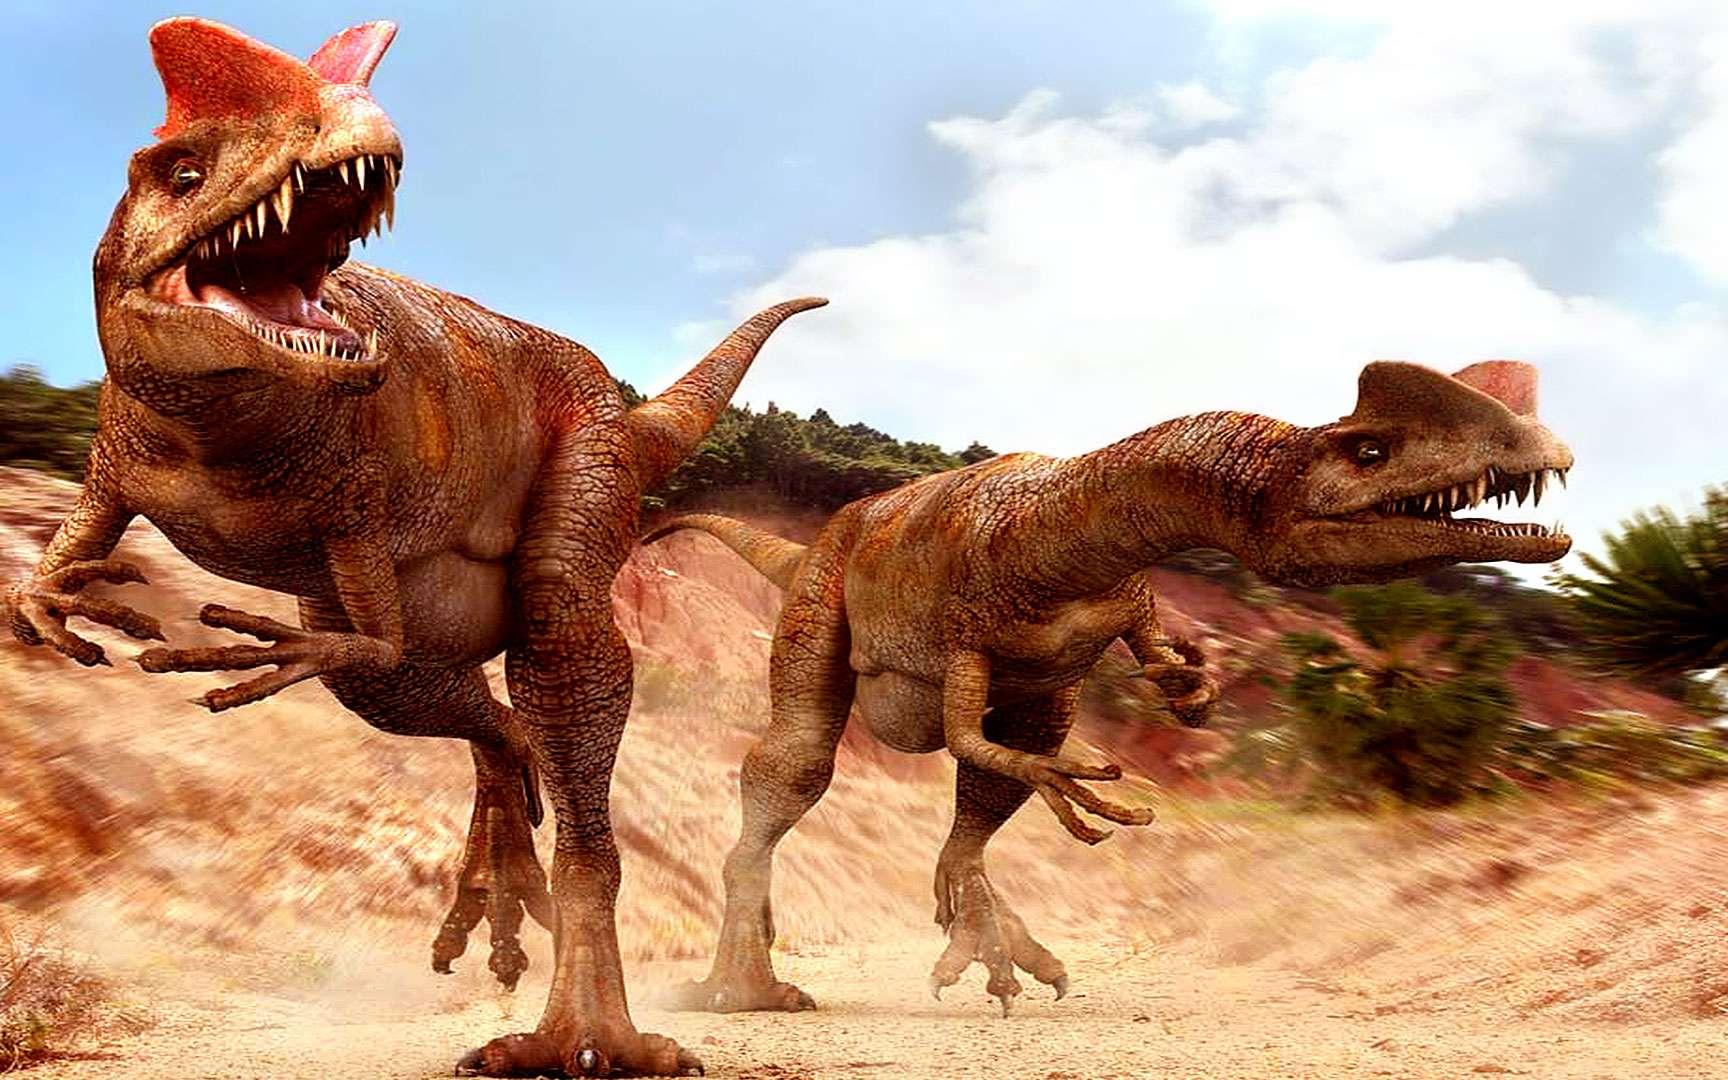 Dilophosaurus. Vous n'auriez jamais aimé croiser un Dilophosaurus. Vous auriez vu ce « lézard à deux crêtes » en Chine ou en Arizona au début du Jurassique, entre 205 et 185 millions d'années avant notre ère (ou dans Jurassic Park de Spielberg également). Il est très vraisemblable qu'il vous aurait tué à l'aide des griffes qu'il portait aux pattes avant et arrière. Vous n'auriez pas vraiment apprécié ! © Courtesy of Jon Hughes www.pixel-shack.com